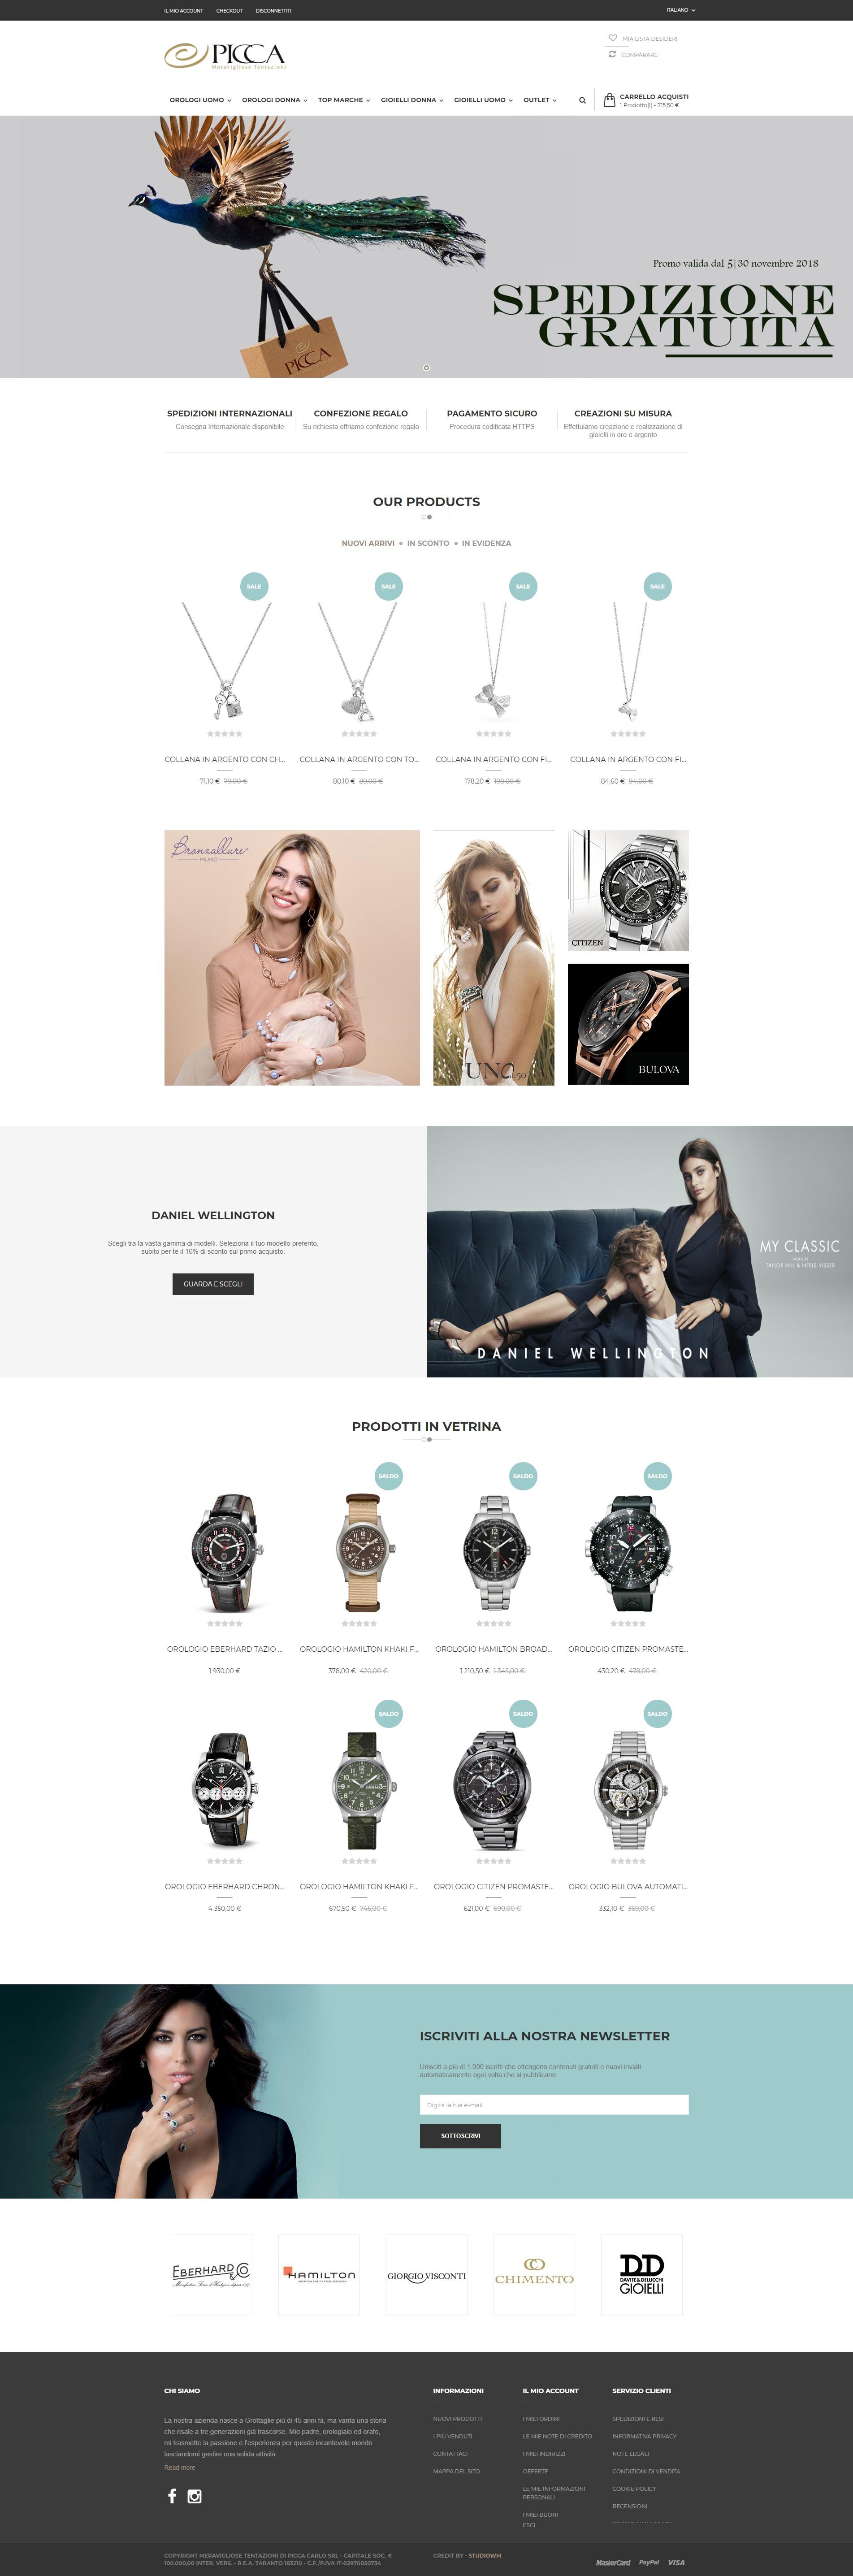 Picca Gioielli Vendita online di gioielli e orologi delle migliori marche Gioielli online Picca Gioielli